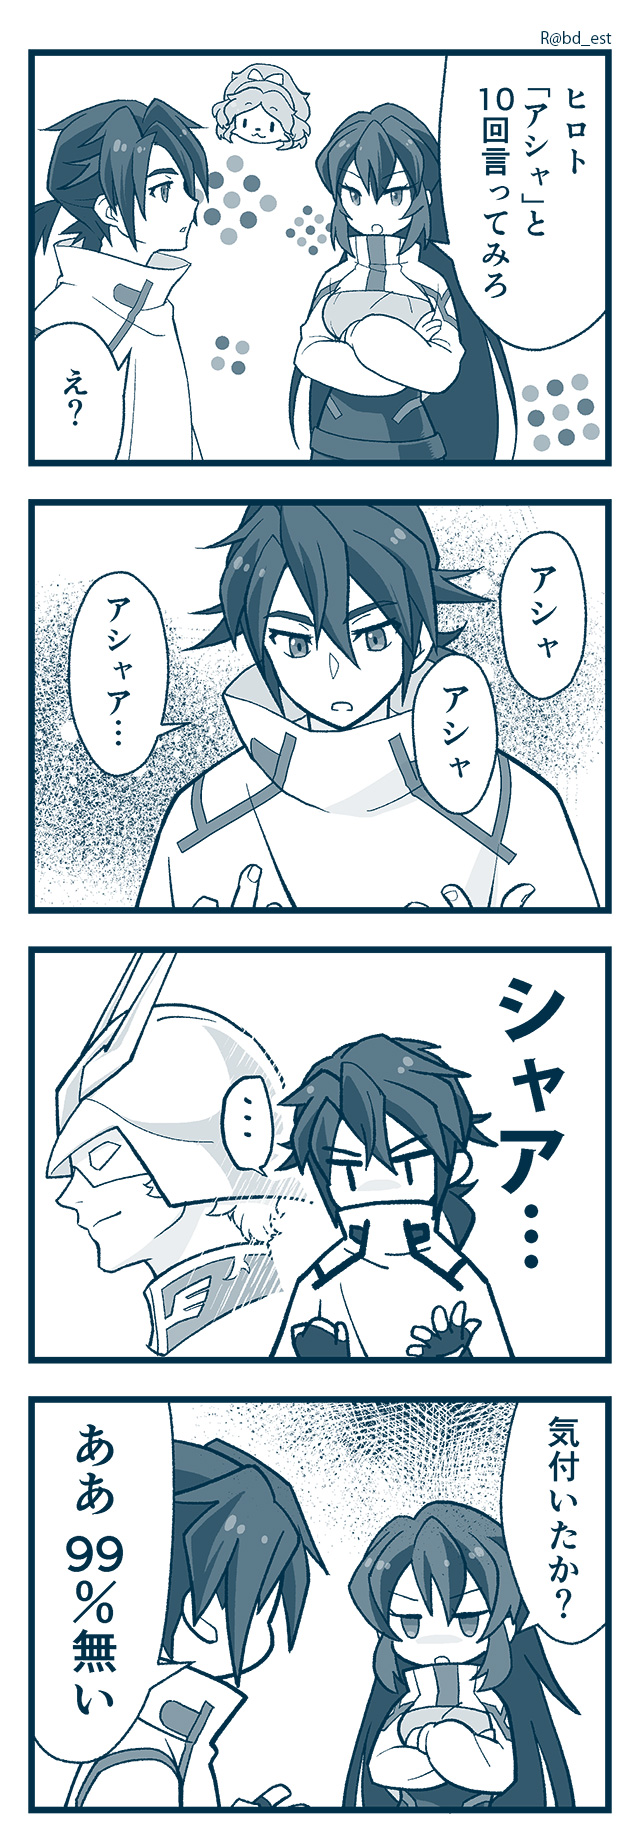 Char Aznable May Kuga Hiroto And Asha Gundam And 3 More Drawn By Type R Danbooru